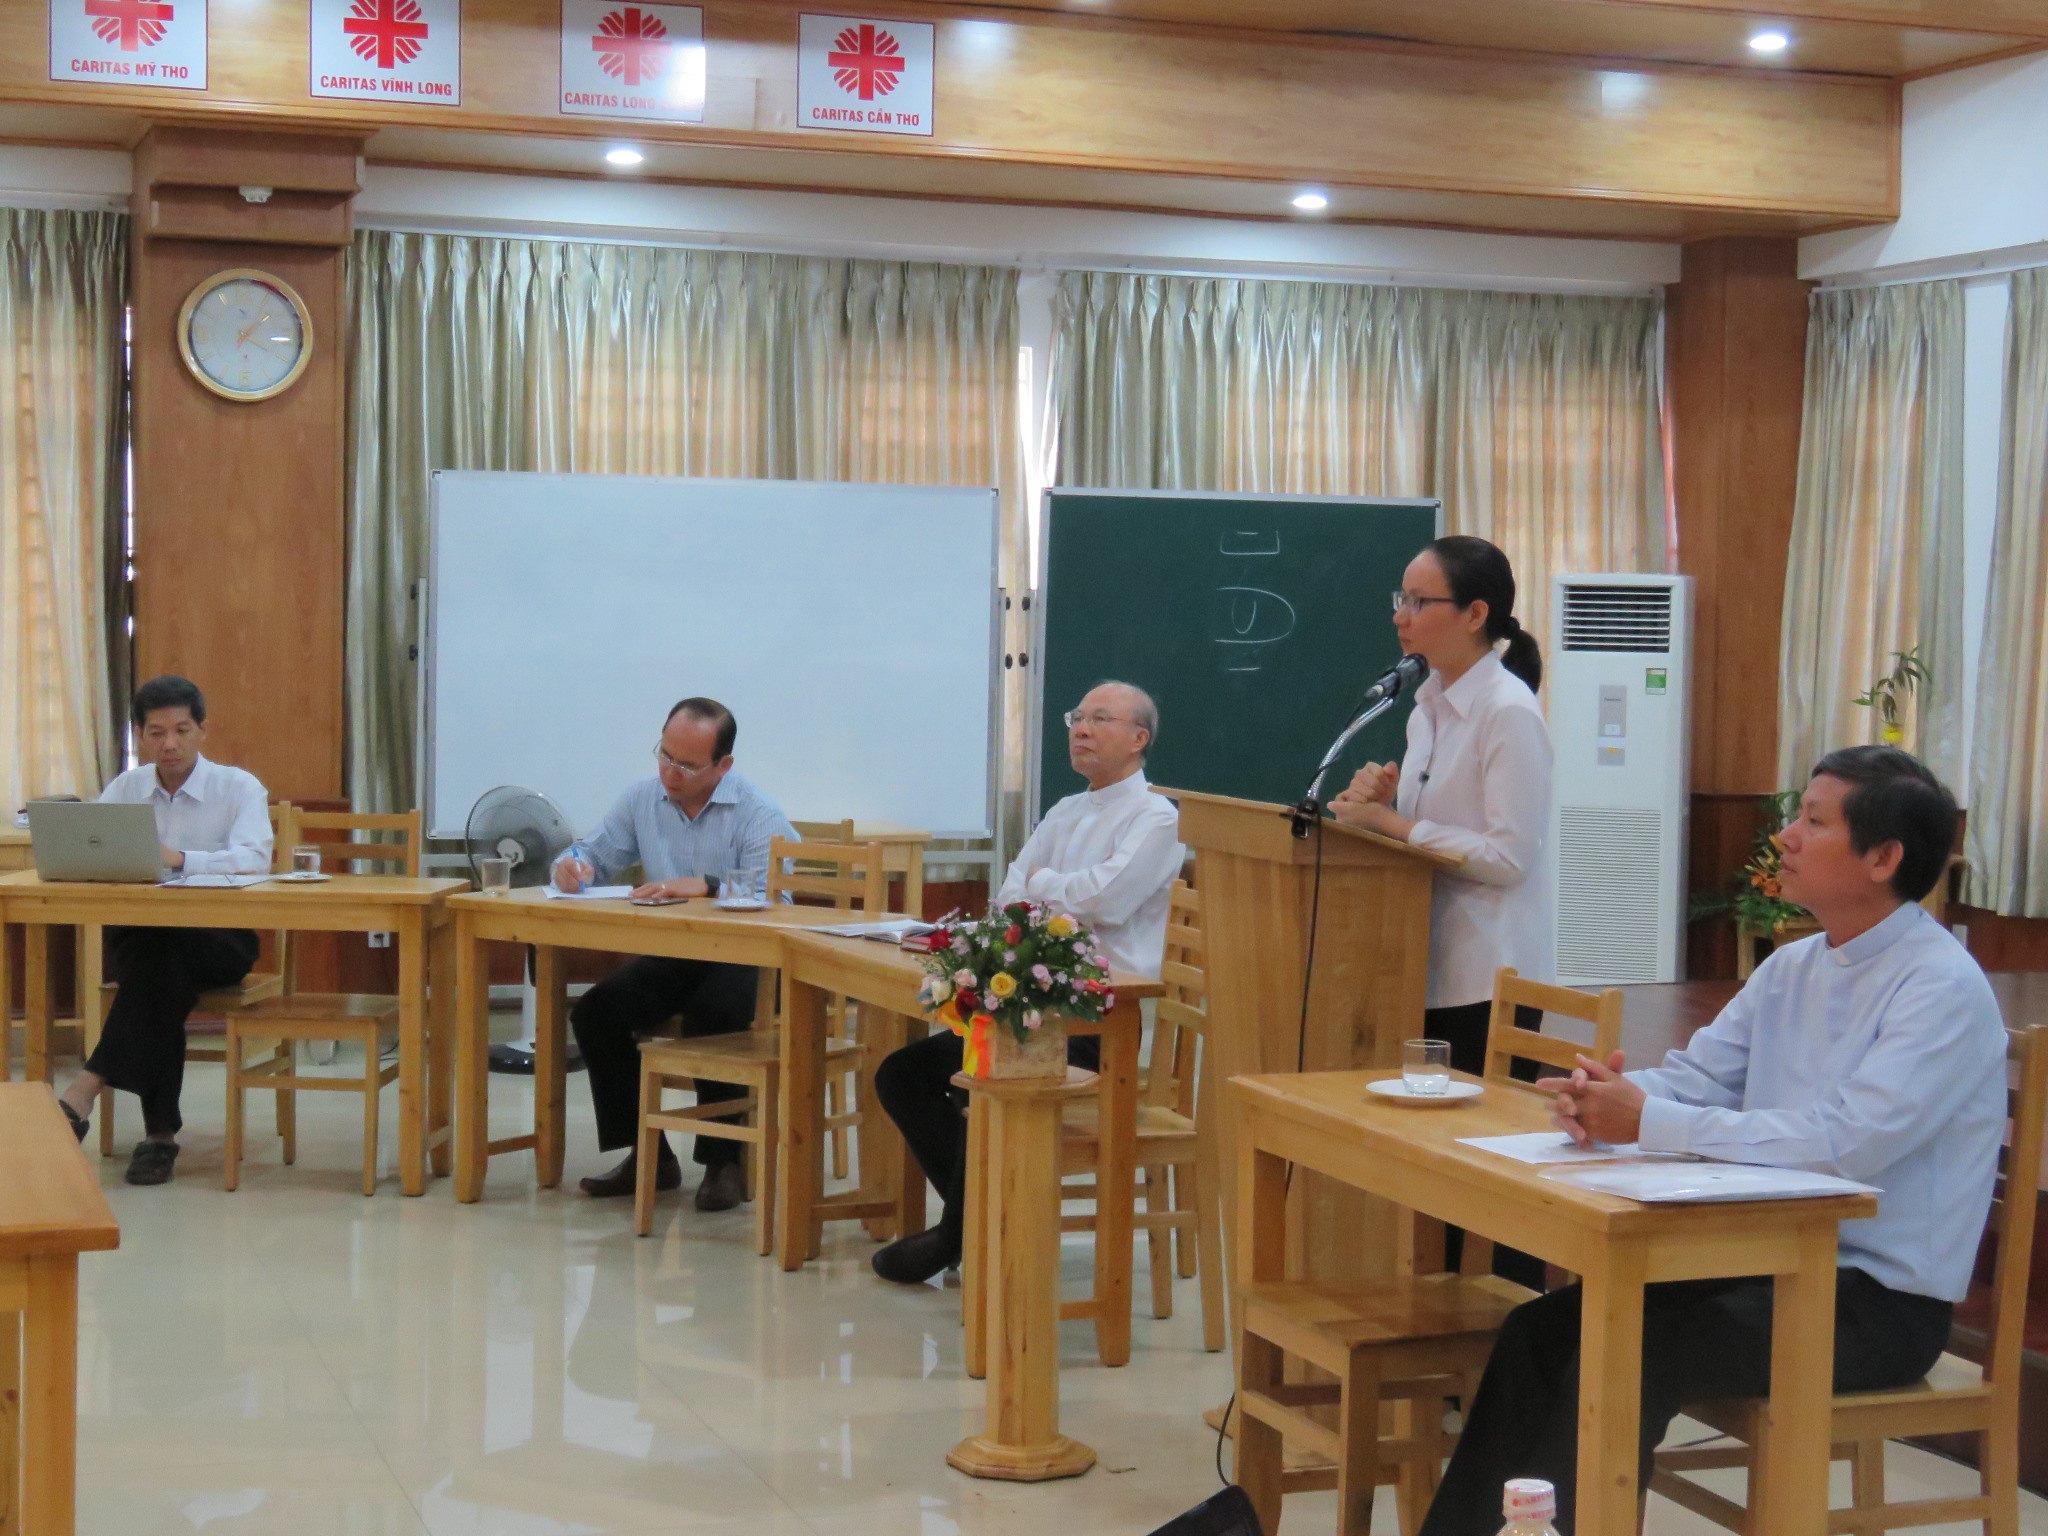 Quang cảnh ngày khai giảng tập huấn đồng hành mục vụ hè 2017